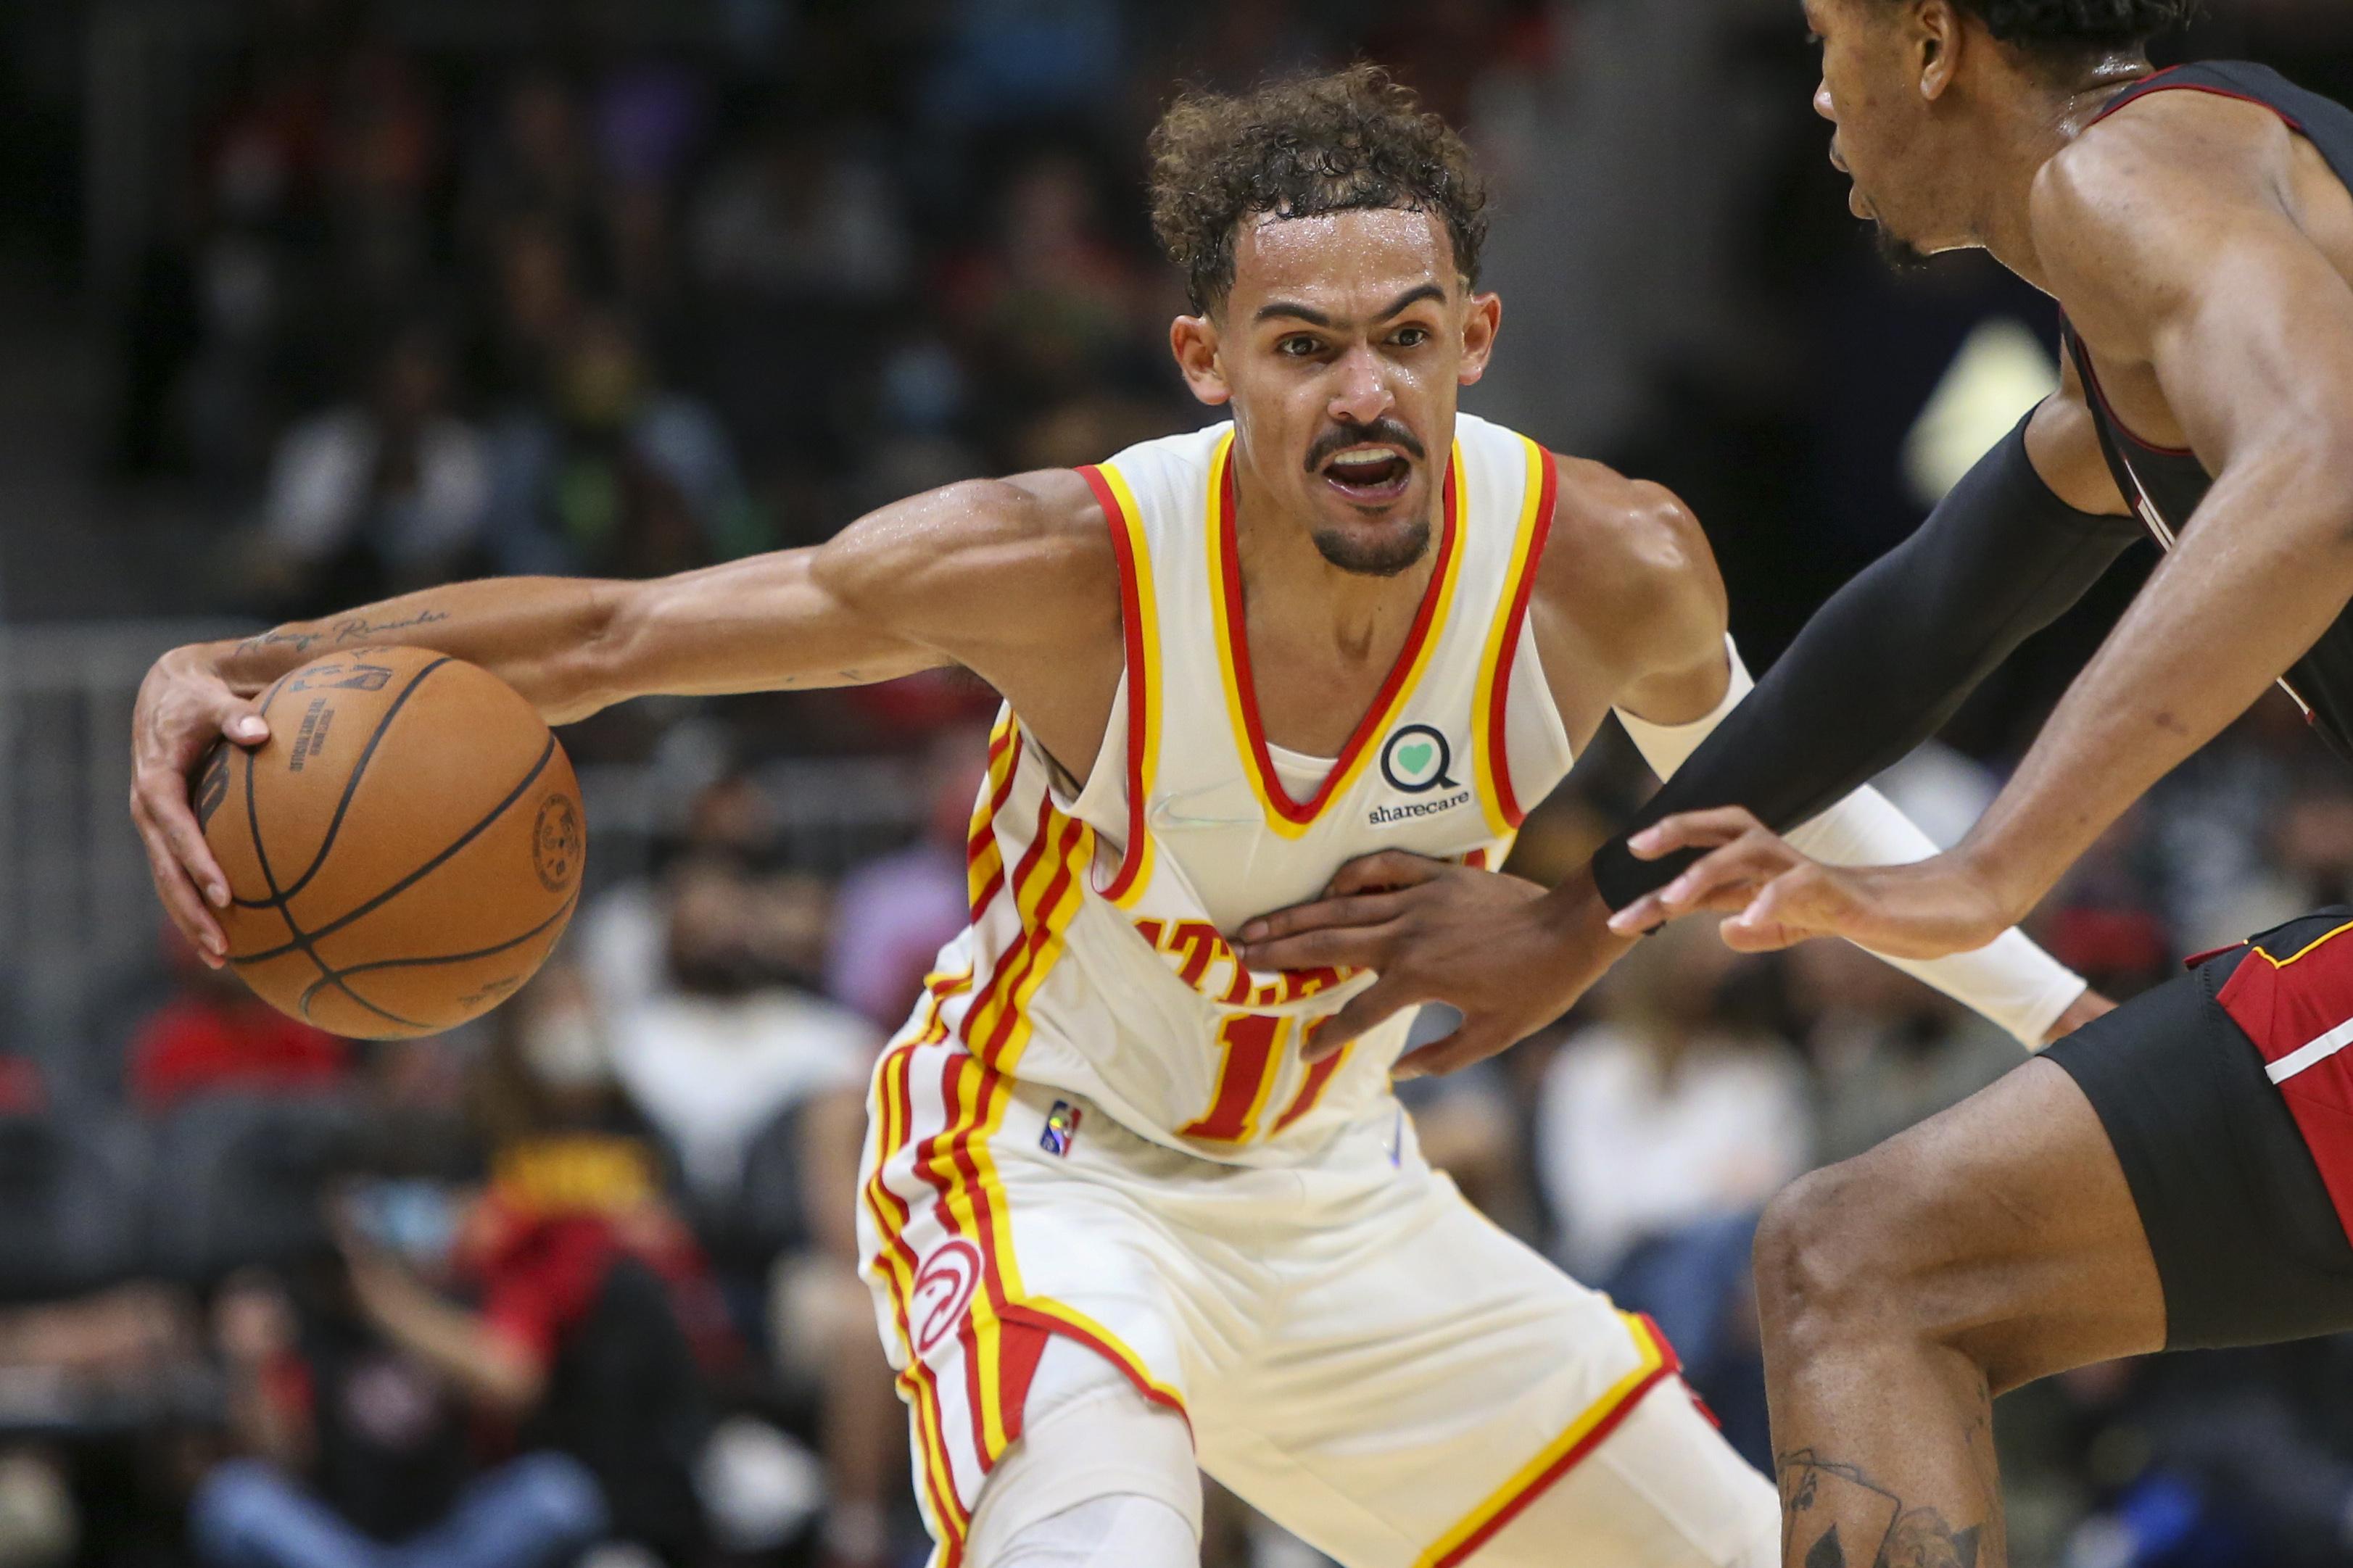 NBA: Preseason-Miami Heat at Atlanta Hawks